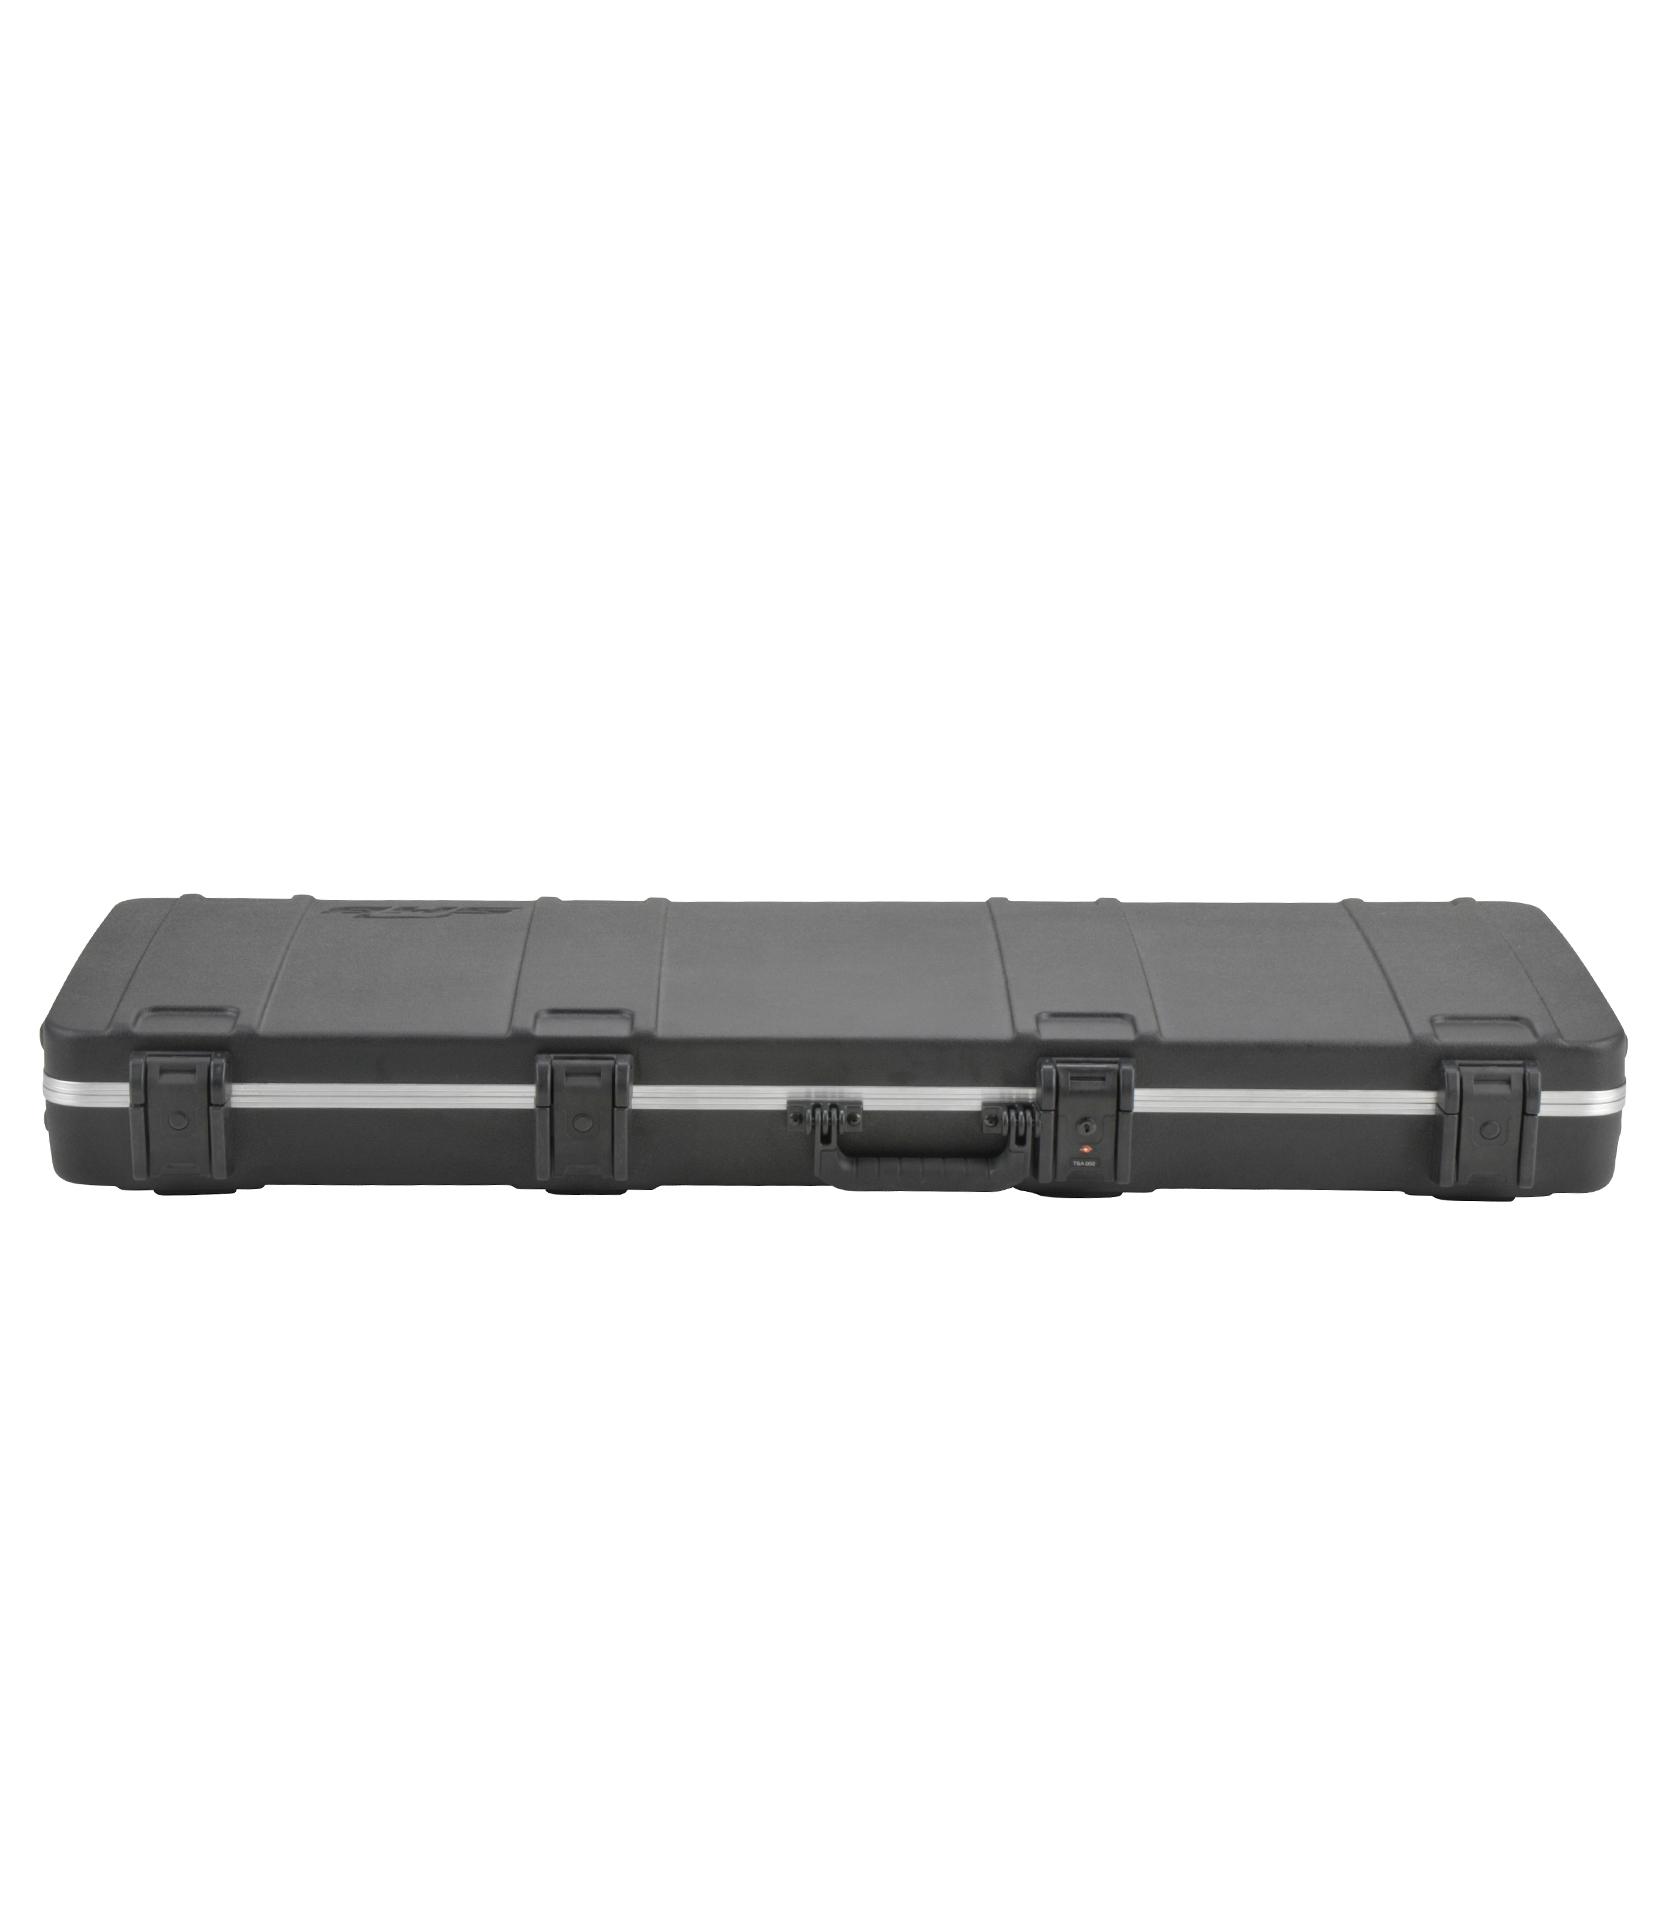 Buy skb - 1SKB 44PRO ABS Molded P J Rectangular Hardshell